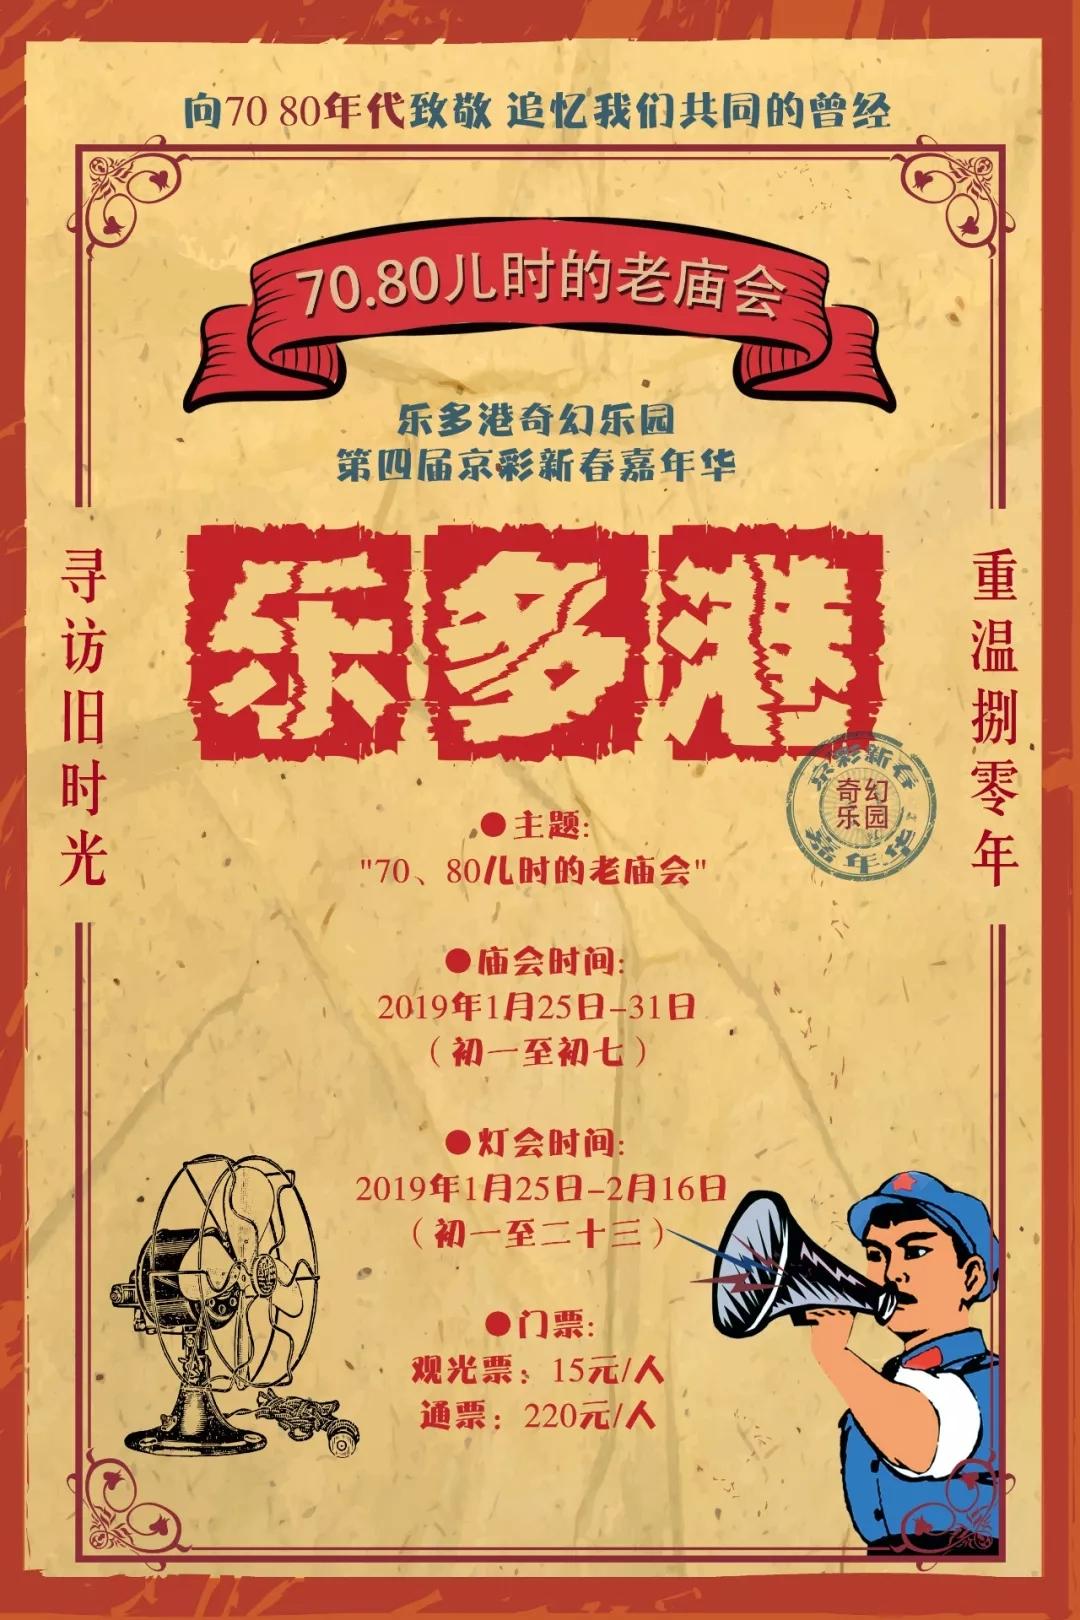 北京乐多港奇幻乐园新春庙会详情介绍、必去理由及游玩攻略